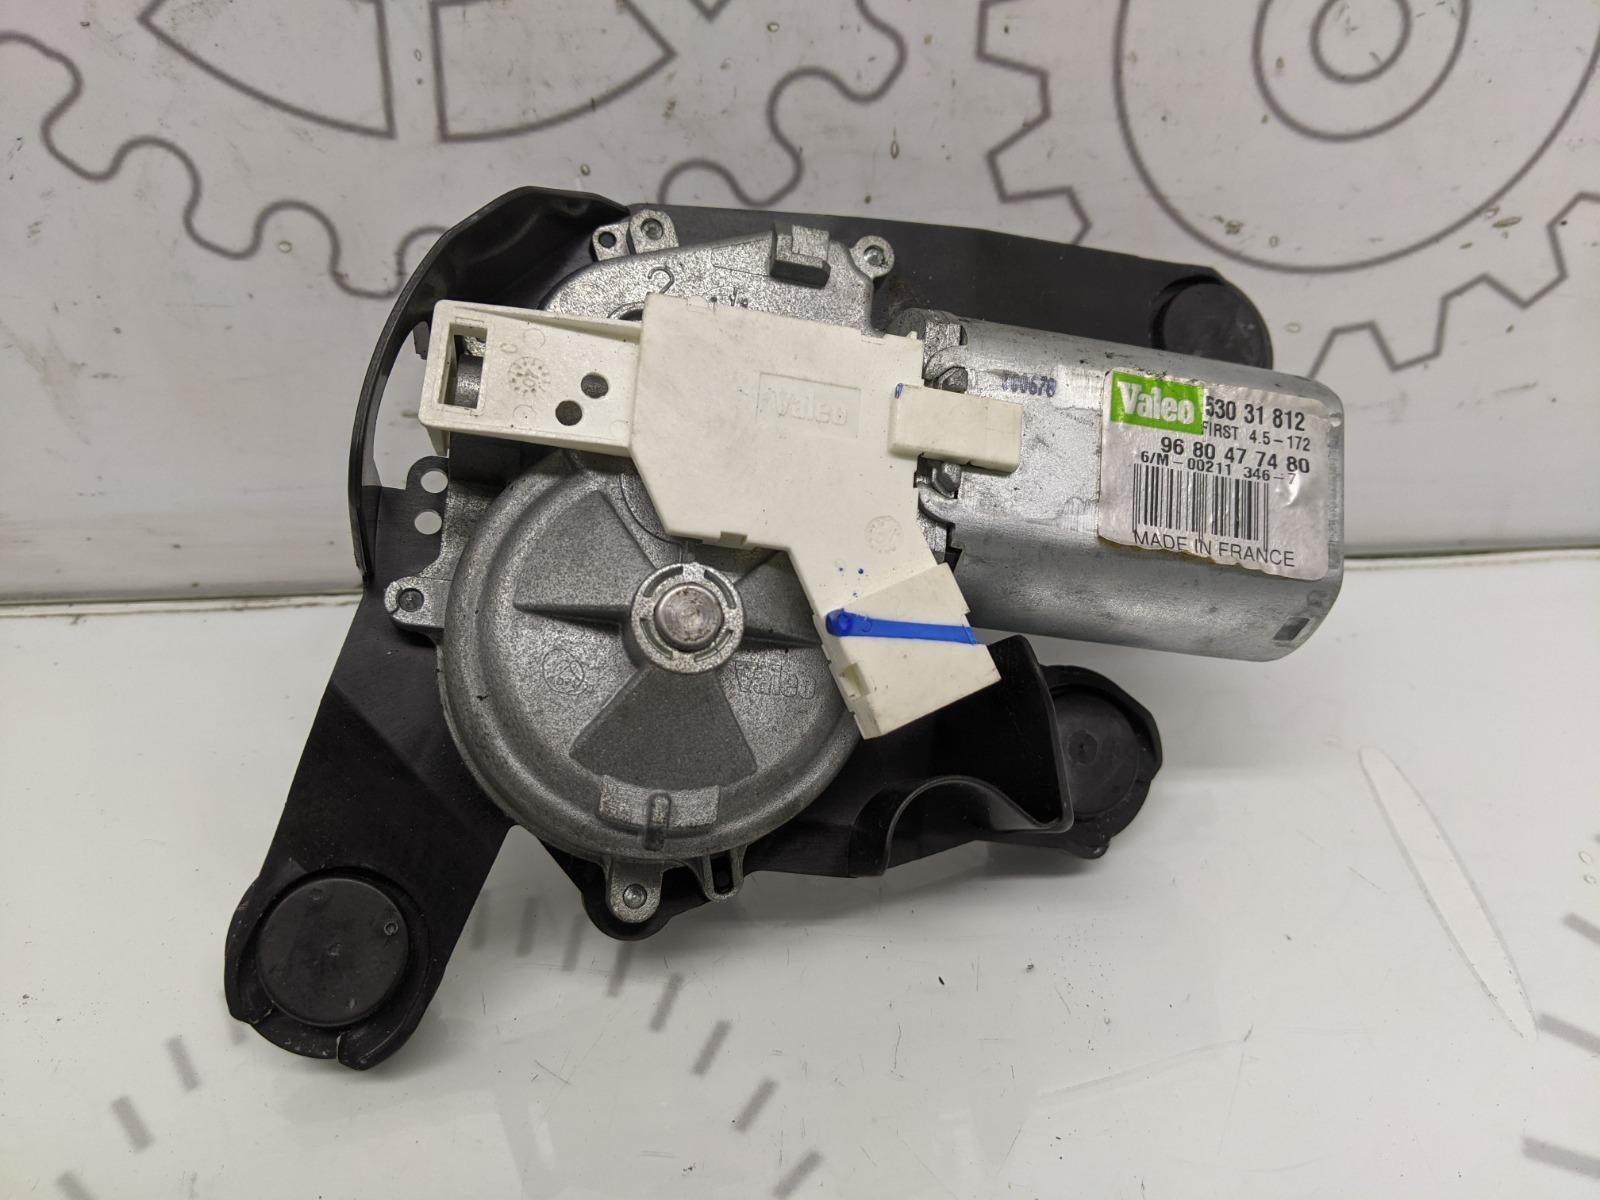 Моторчик заднего стеклоочистителя (дворника) Peugeot 308 T7 1.4 I 2010 (б/у)